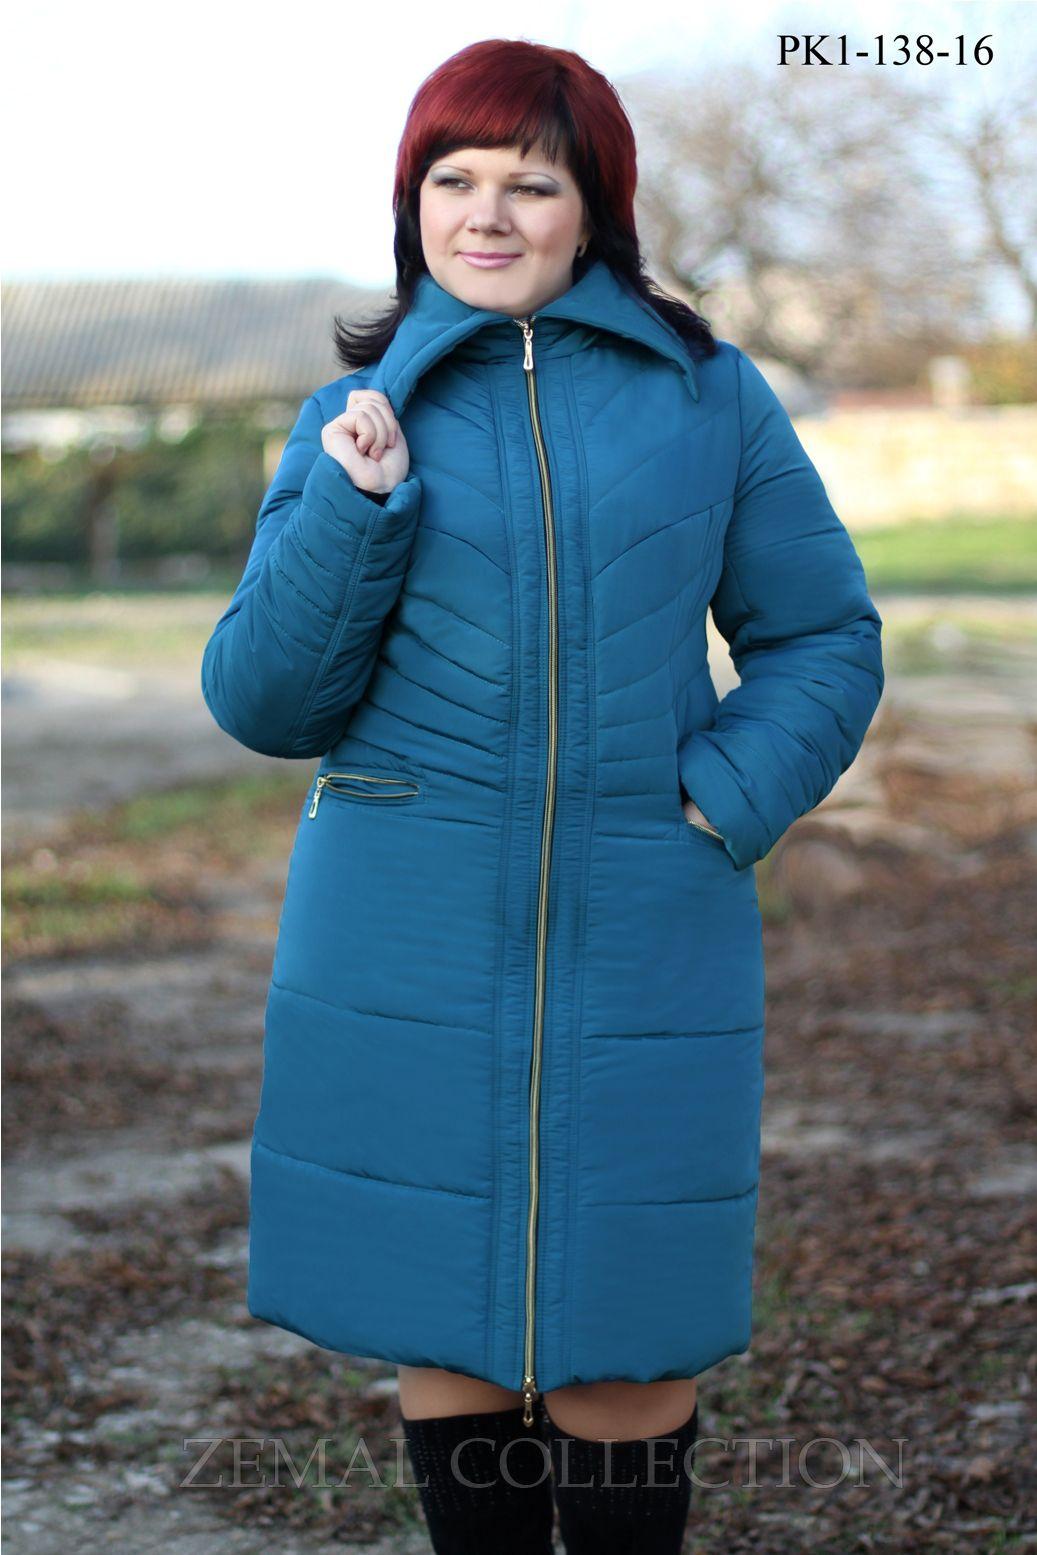 Пальто pk1-138 купить на сайте производителя